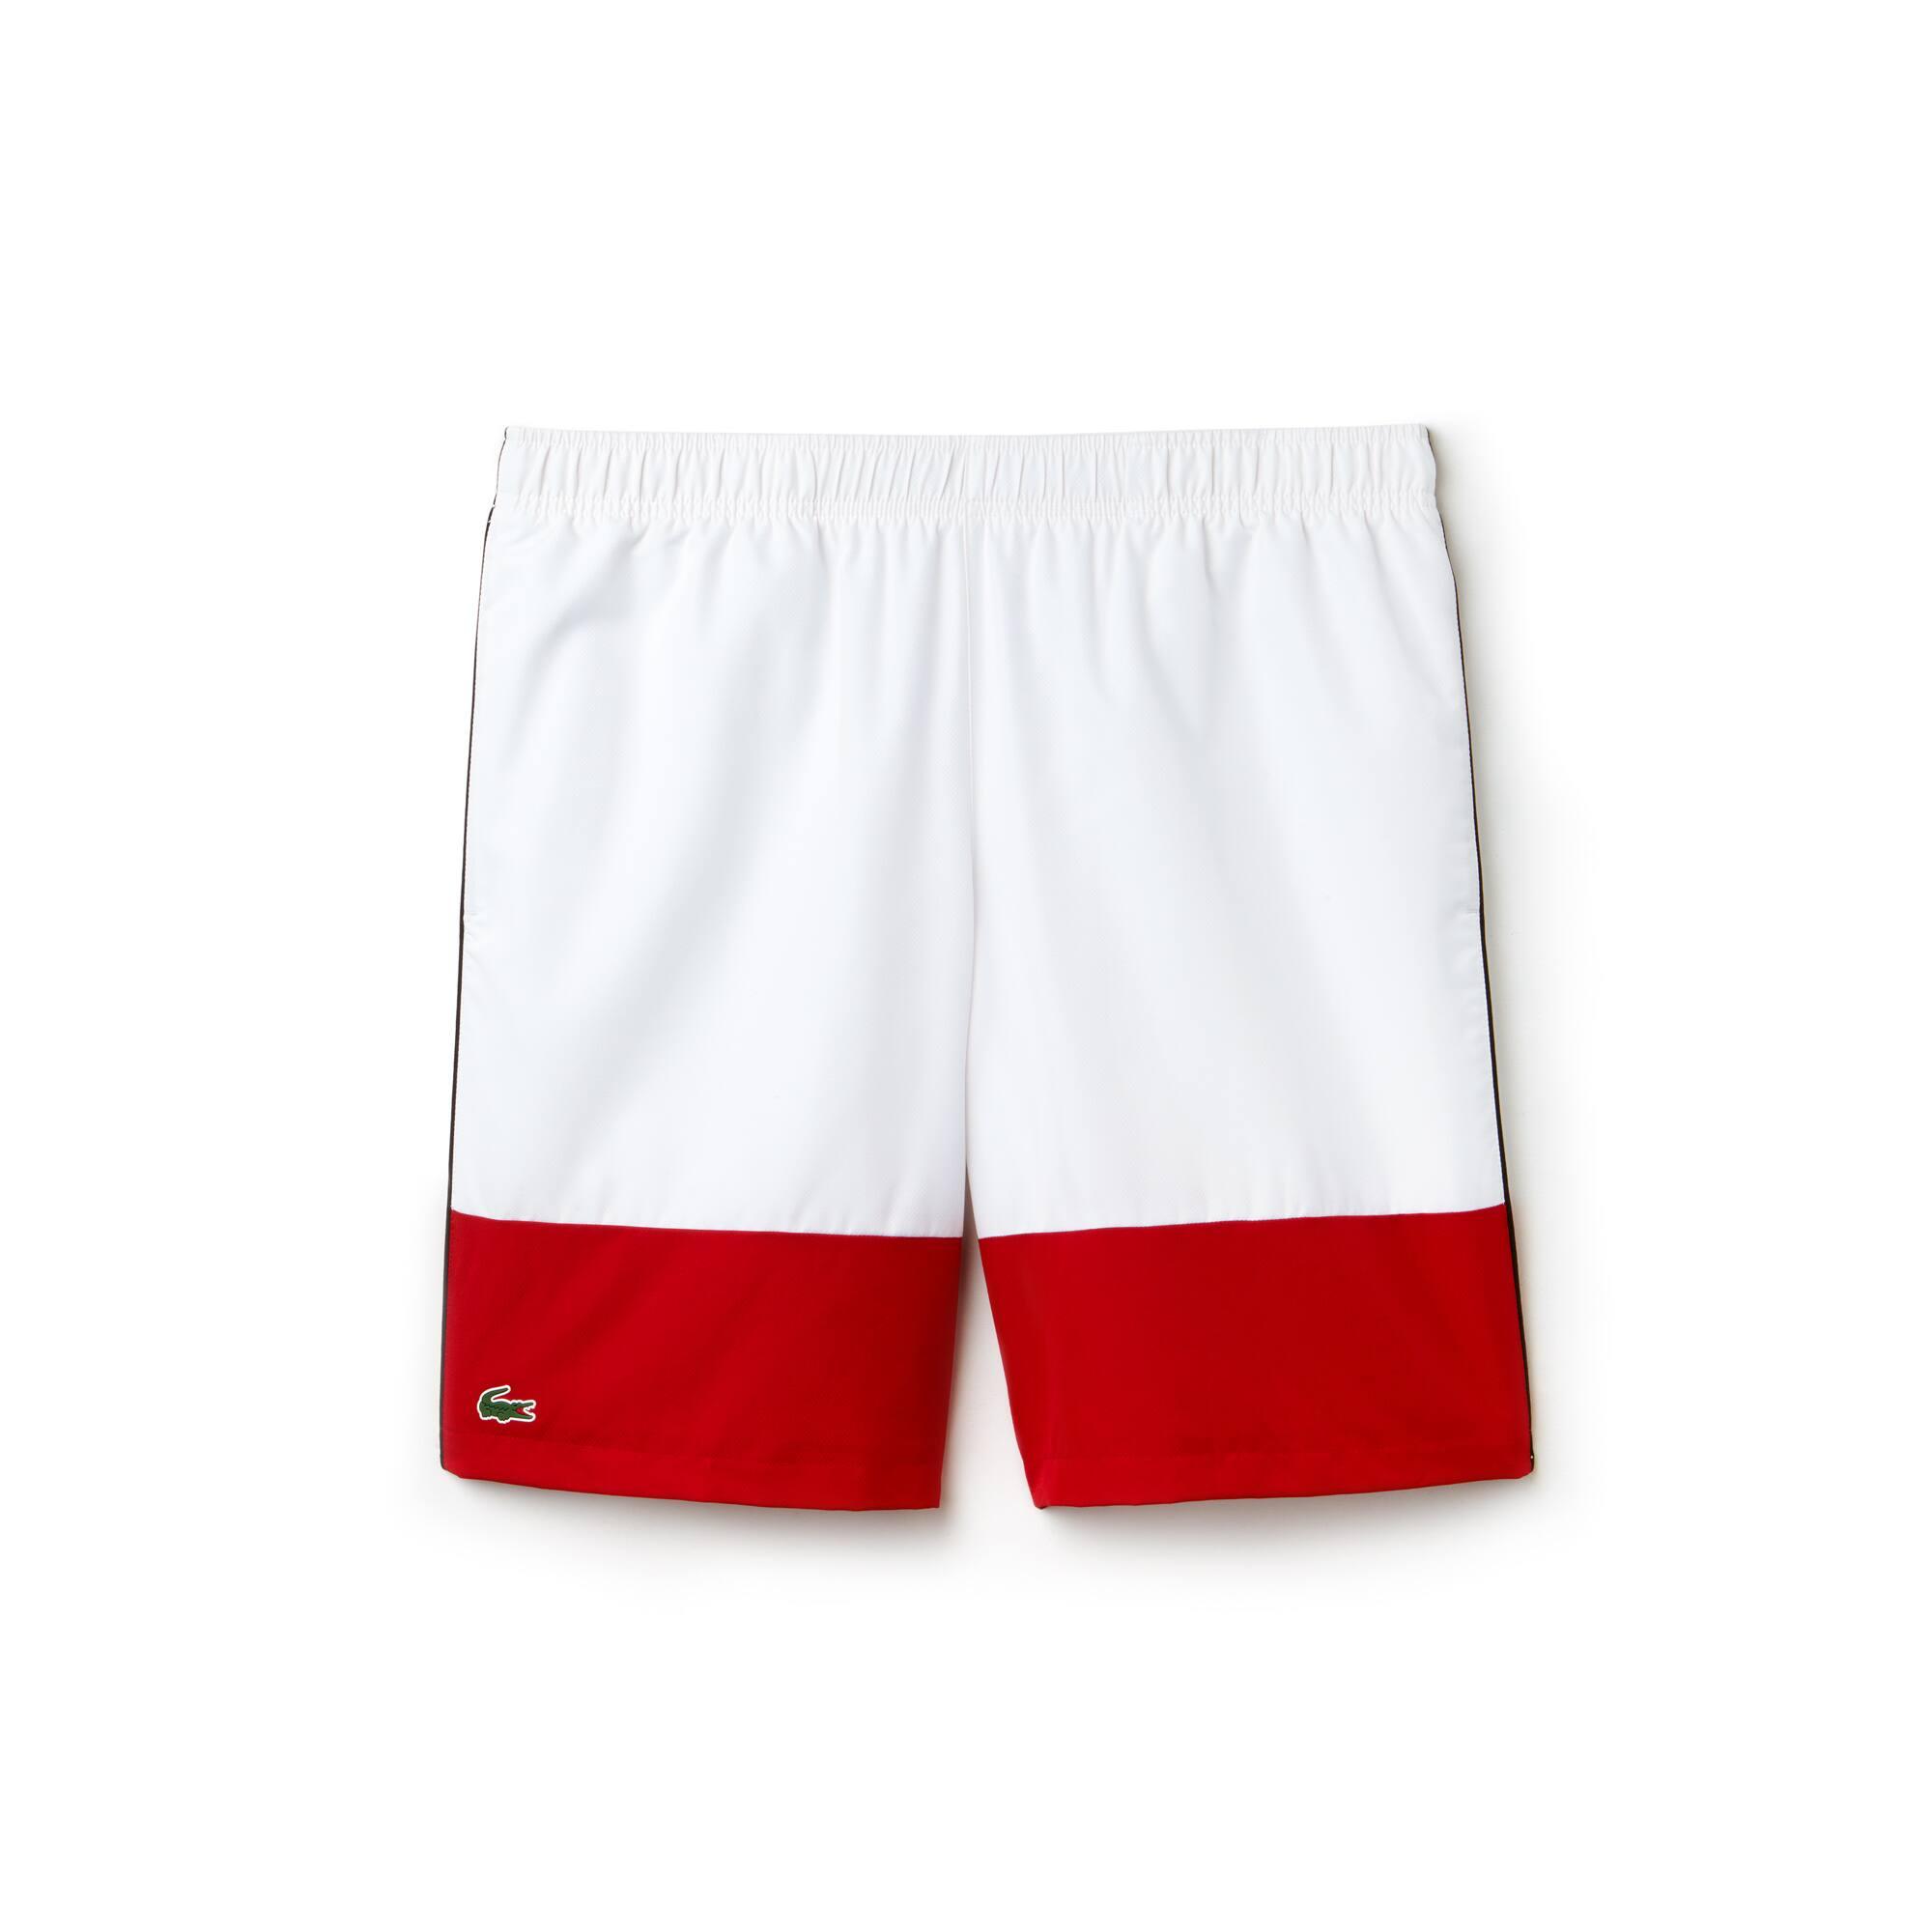 Pantalón corto Lacoste SPORT en tafetán color block